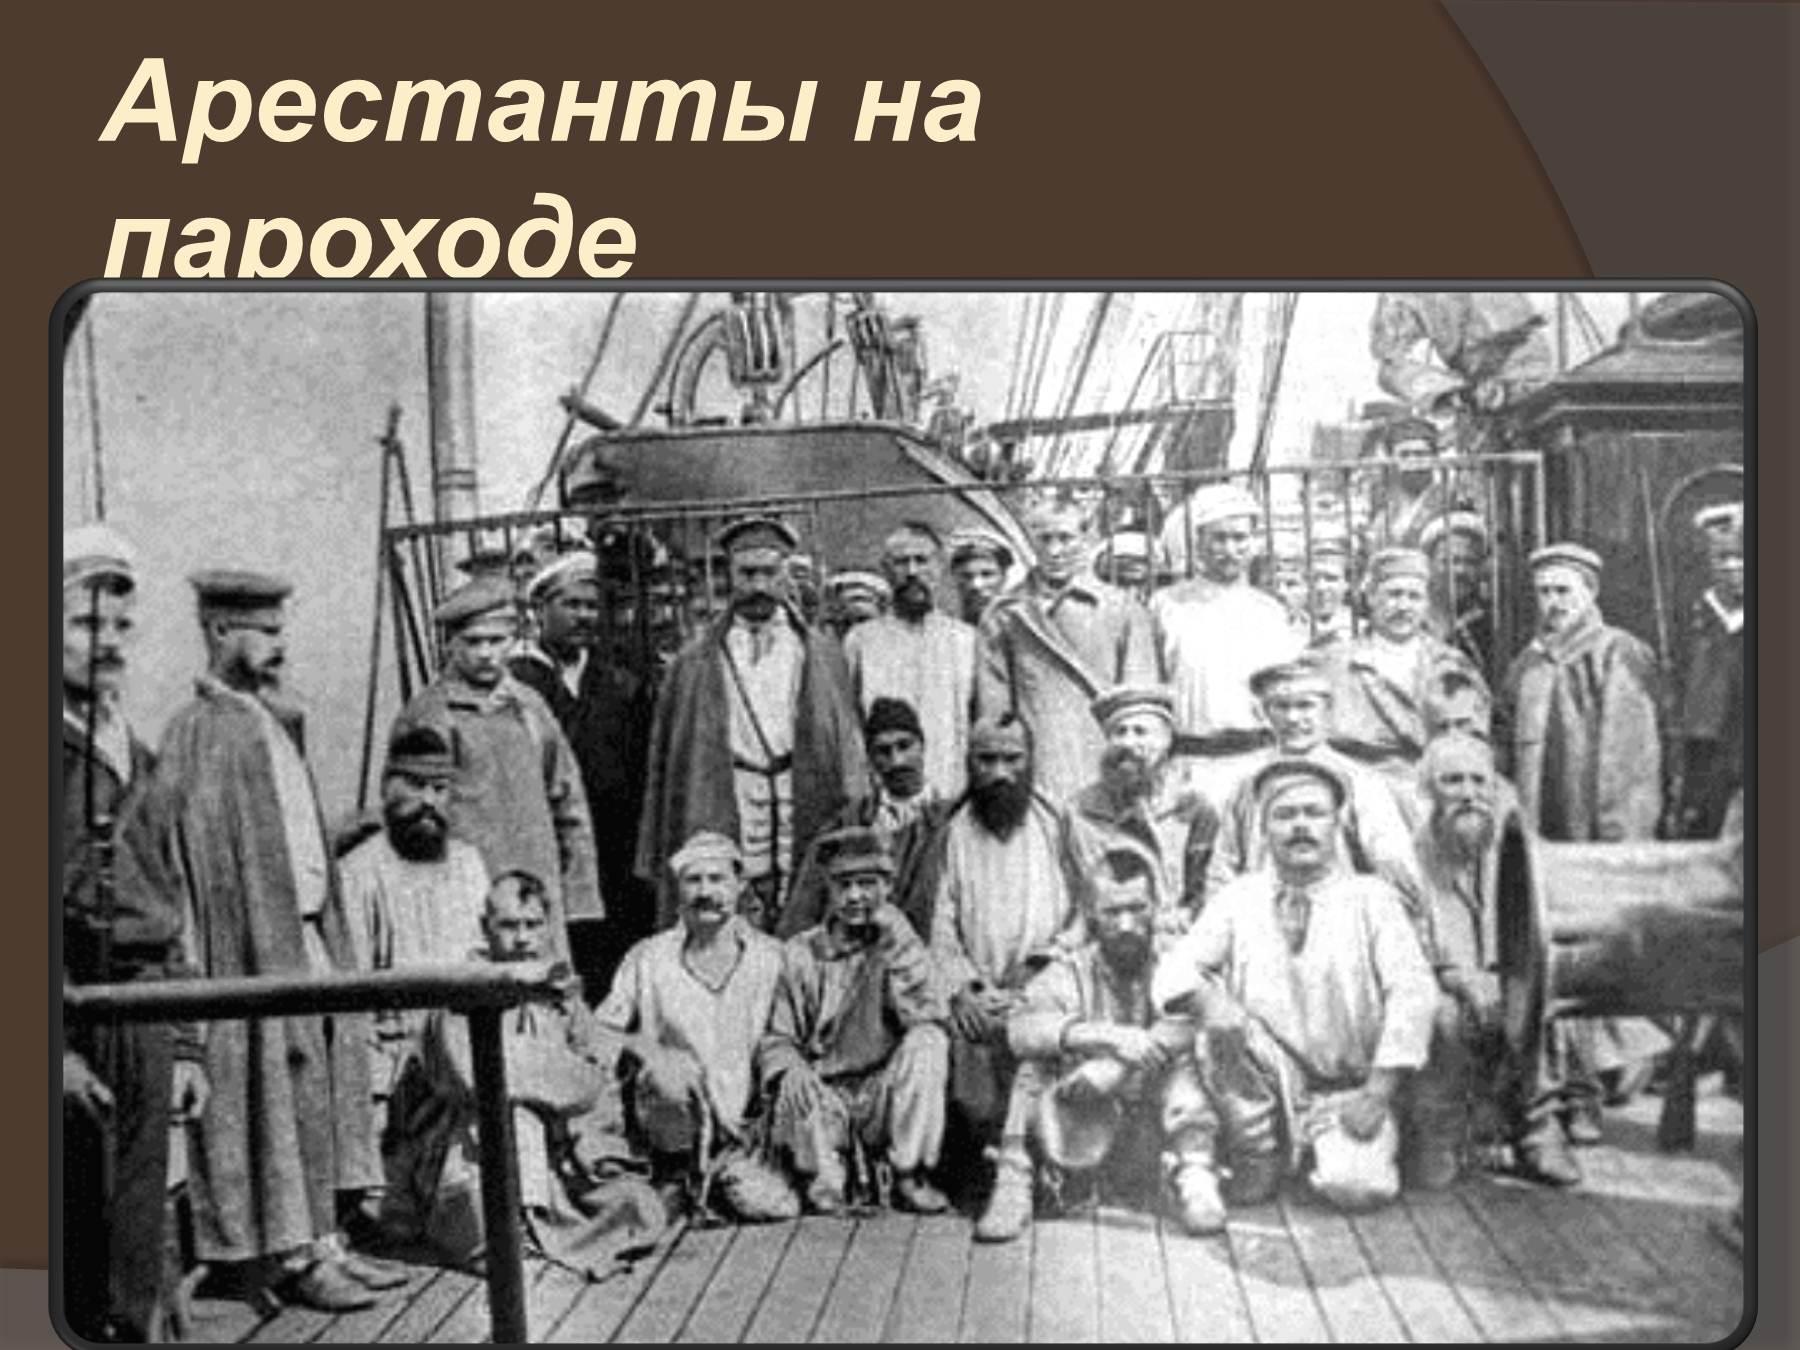 Русское порка розгами смотреть онлаин бесплатно 15 фотография